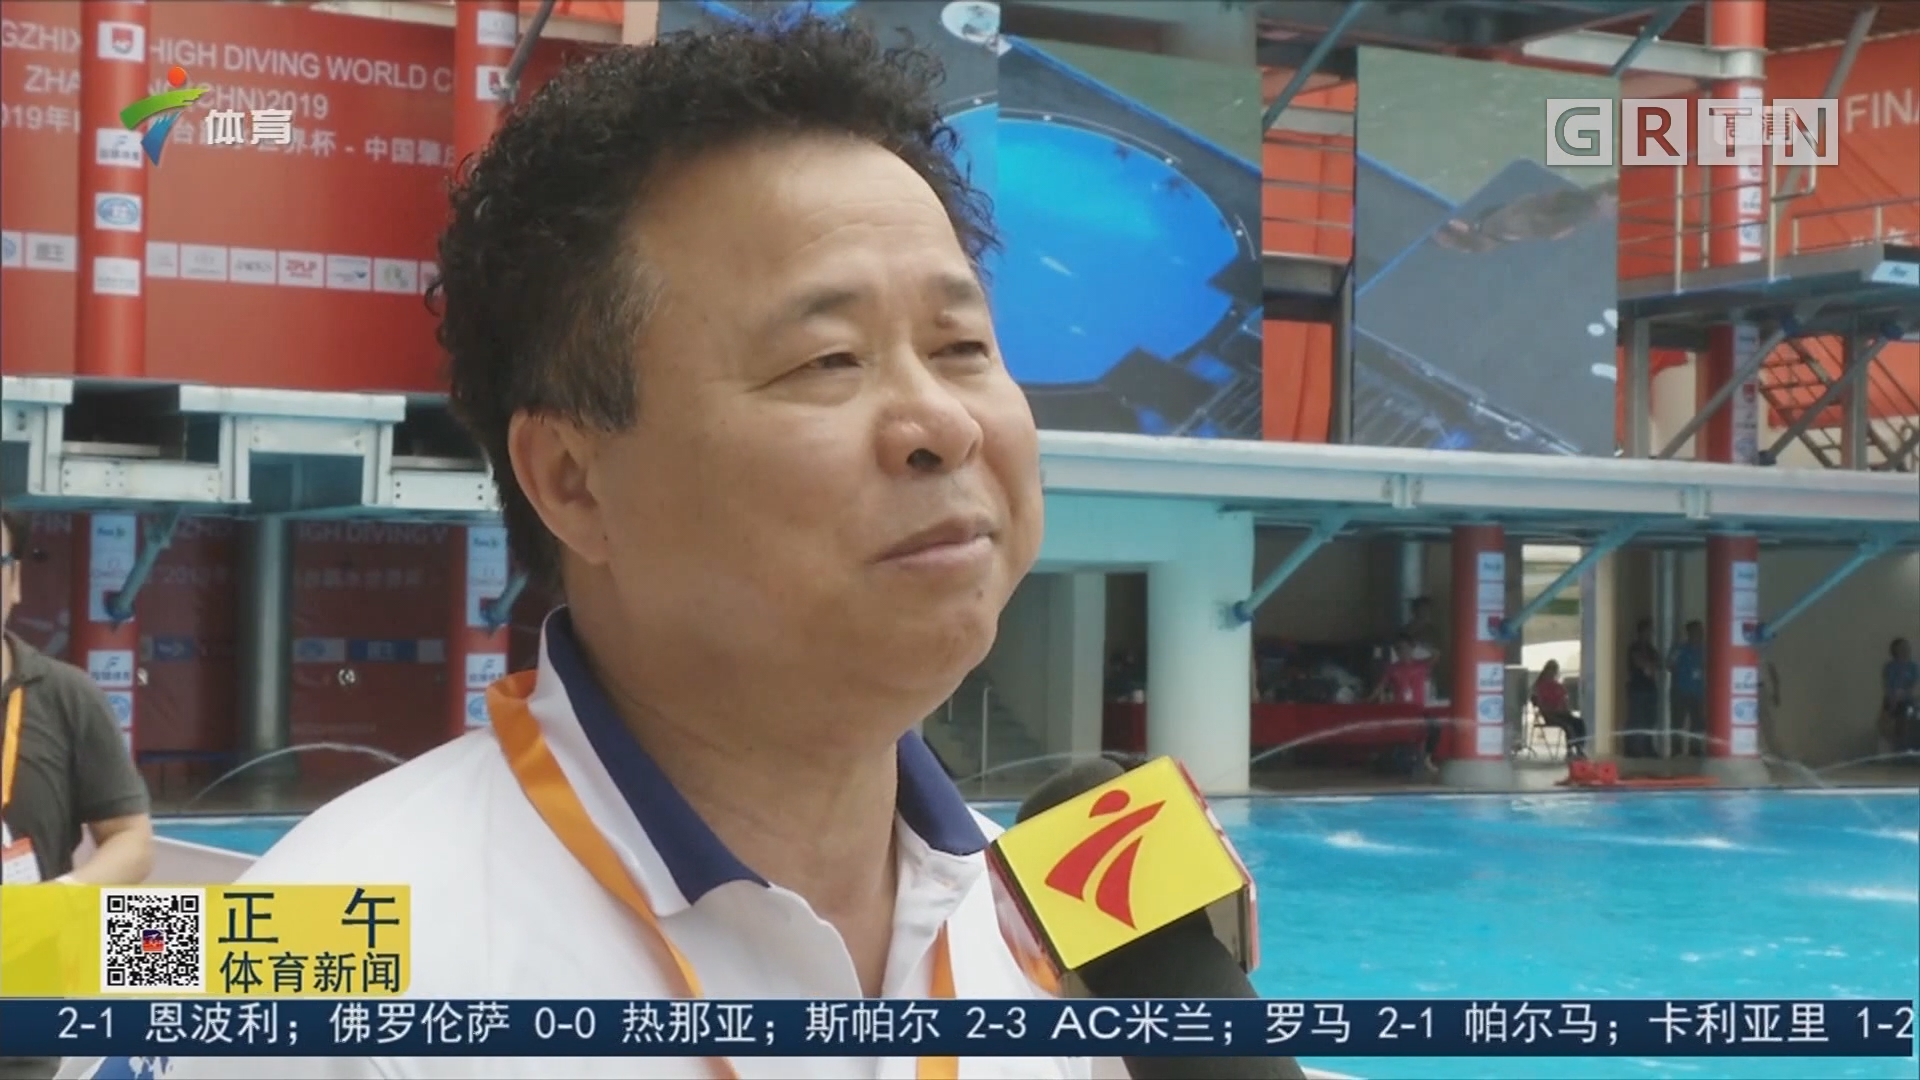 吴国村:高台跳水运动在中国未来光明